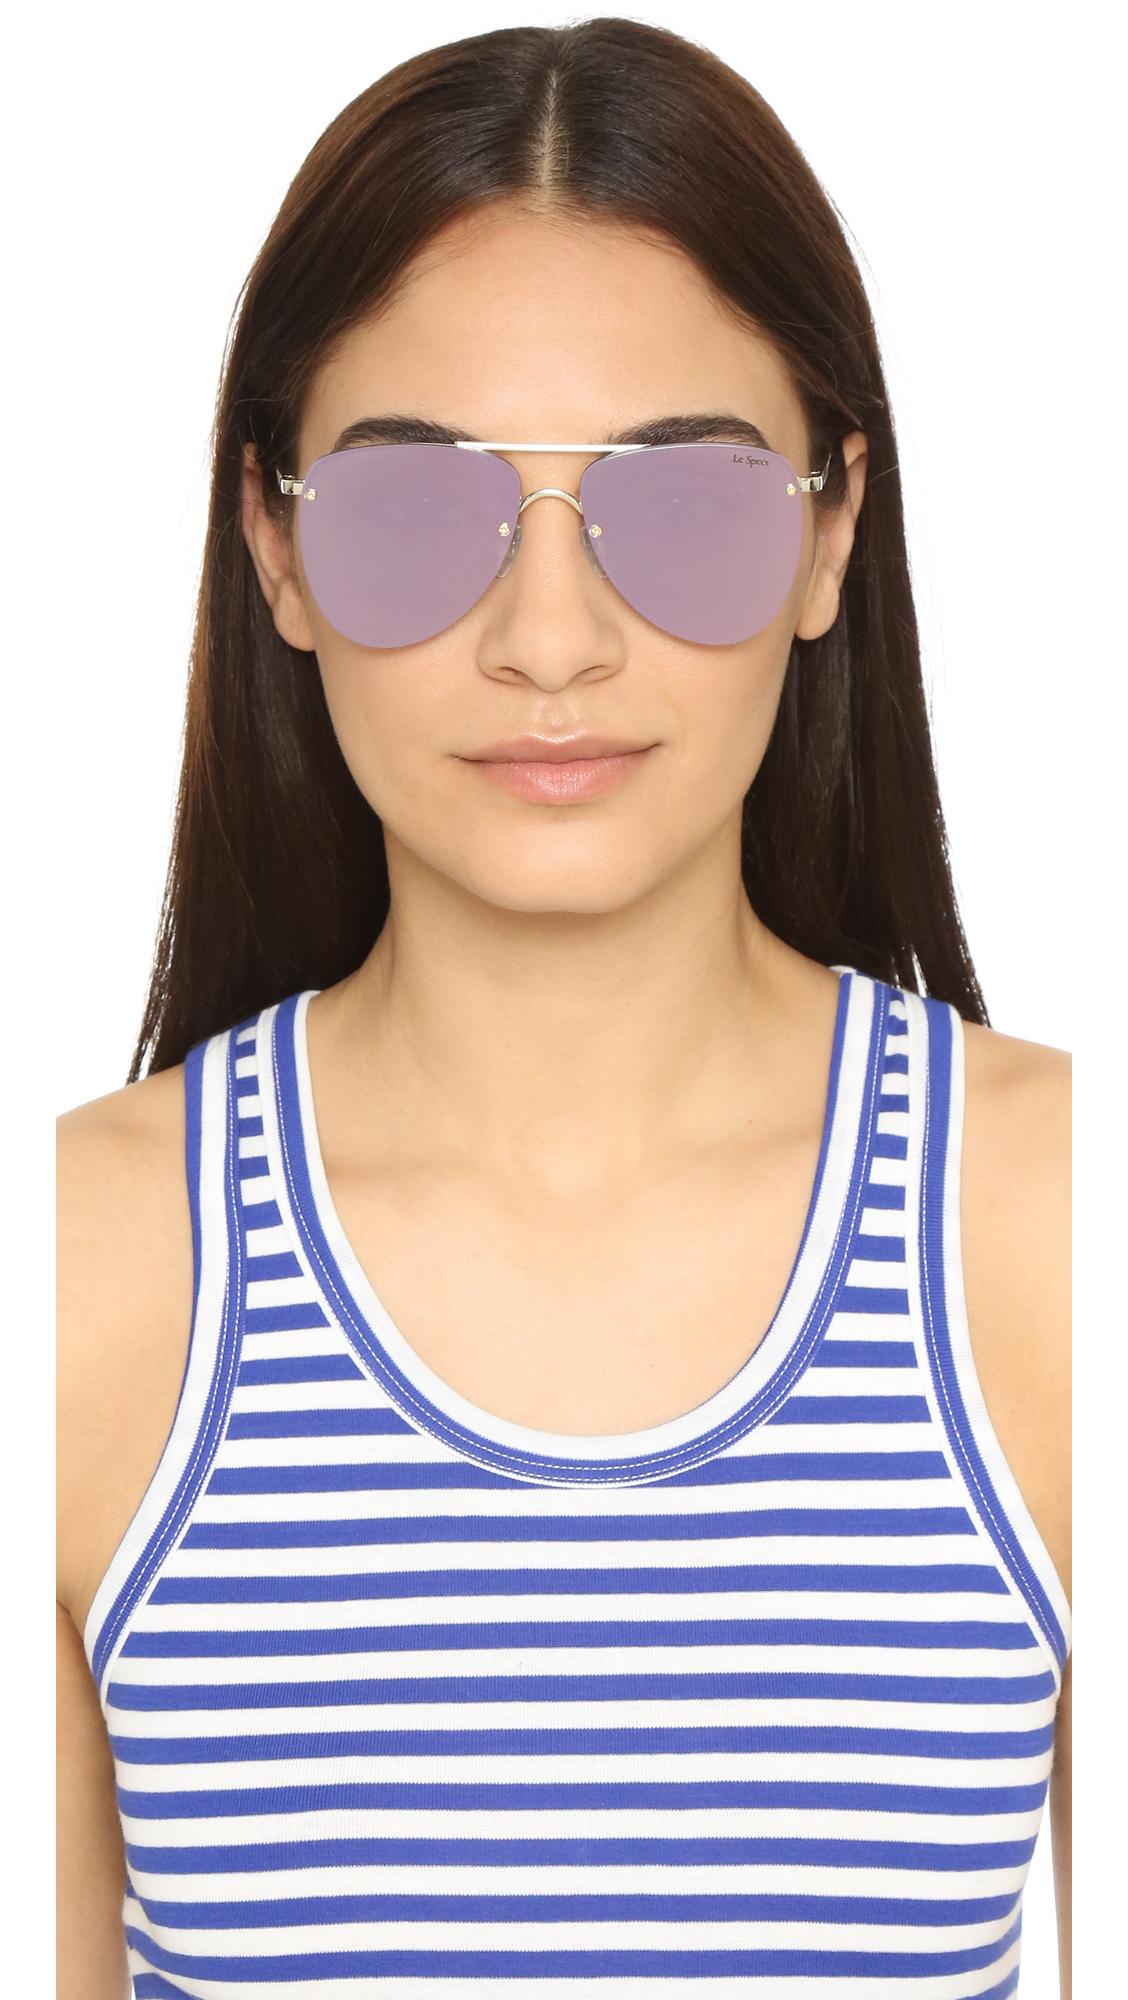 83fa694f541 Le Specs The Prince Mirrored Sunglasses